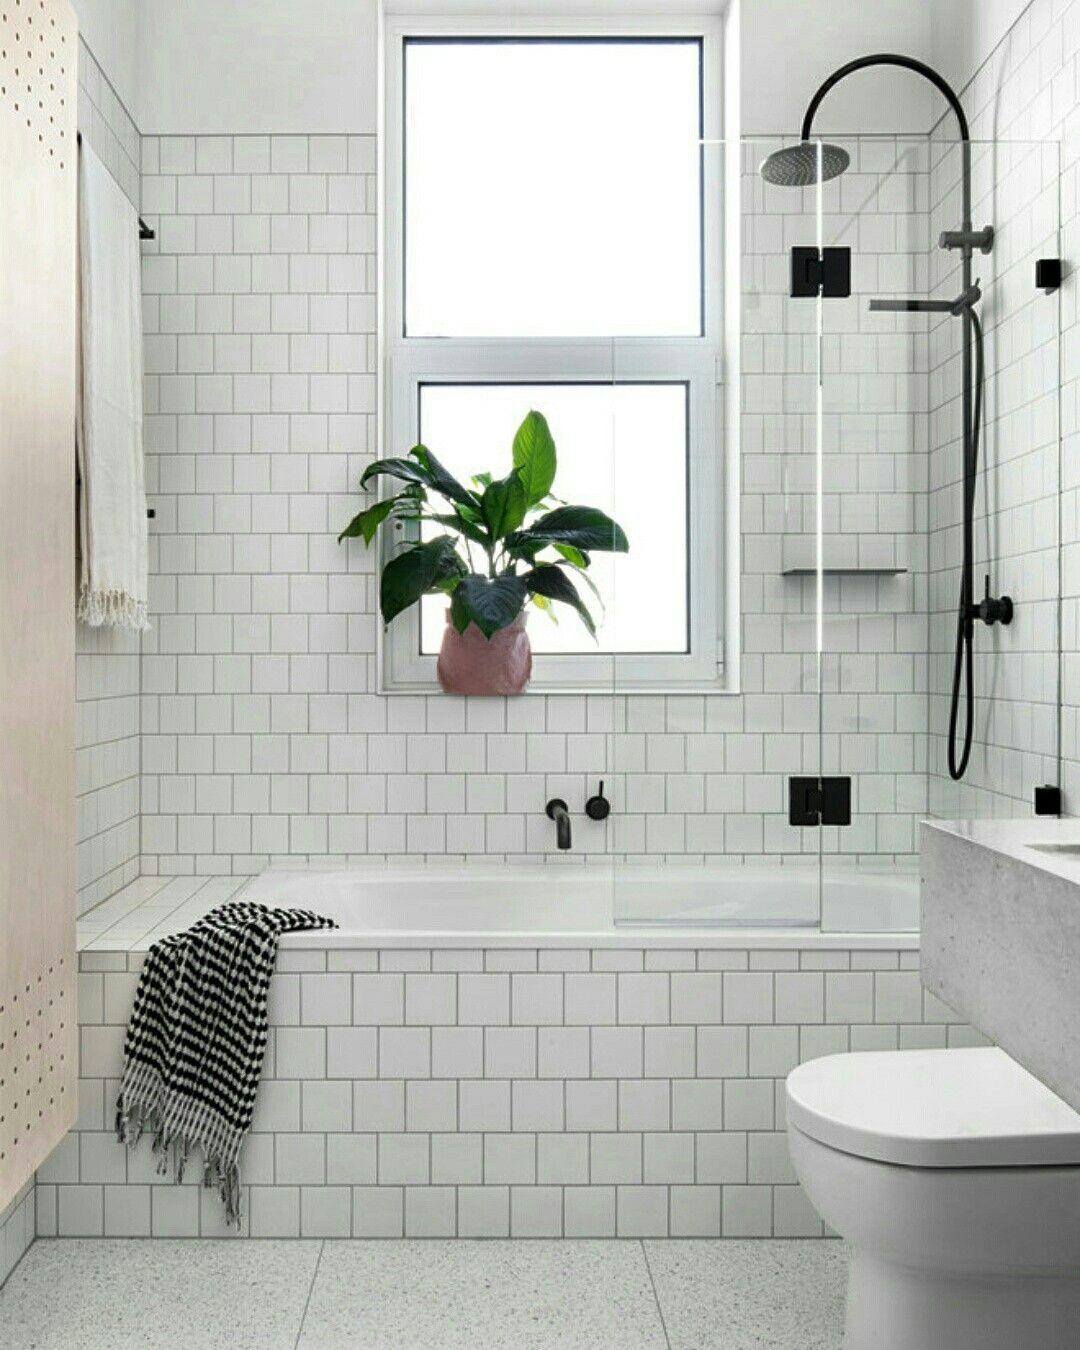 Badezimmer design hd-bilder  banheiro todo branco com metais em preto  hhinspiration